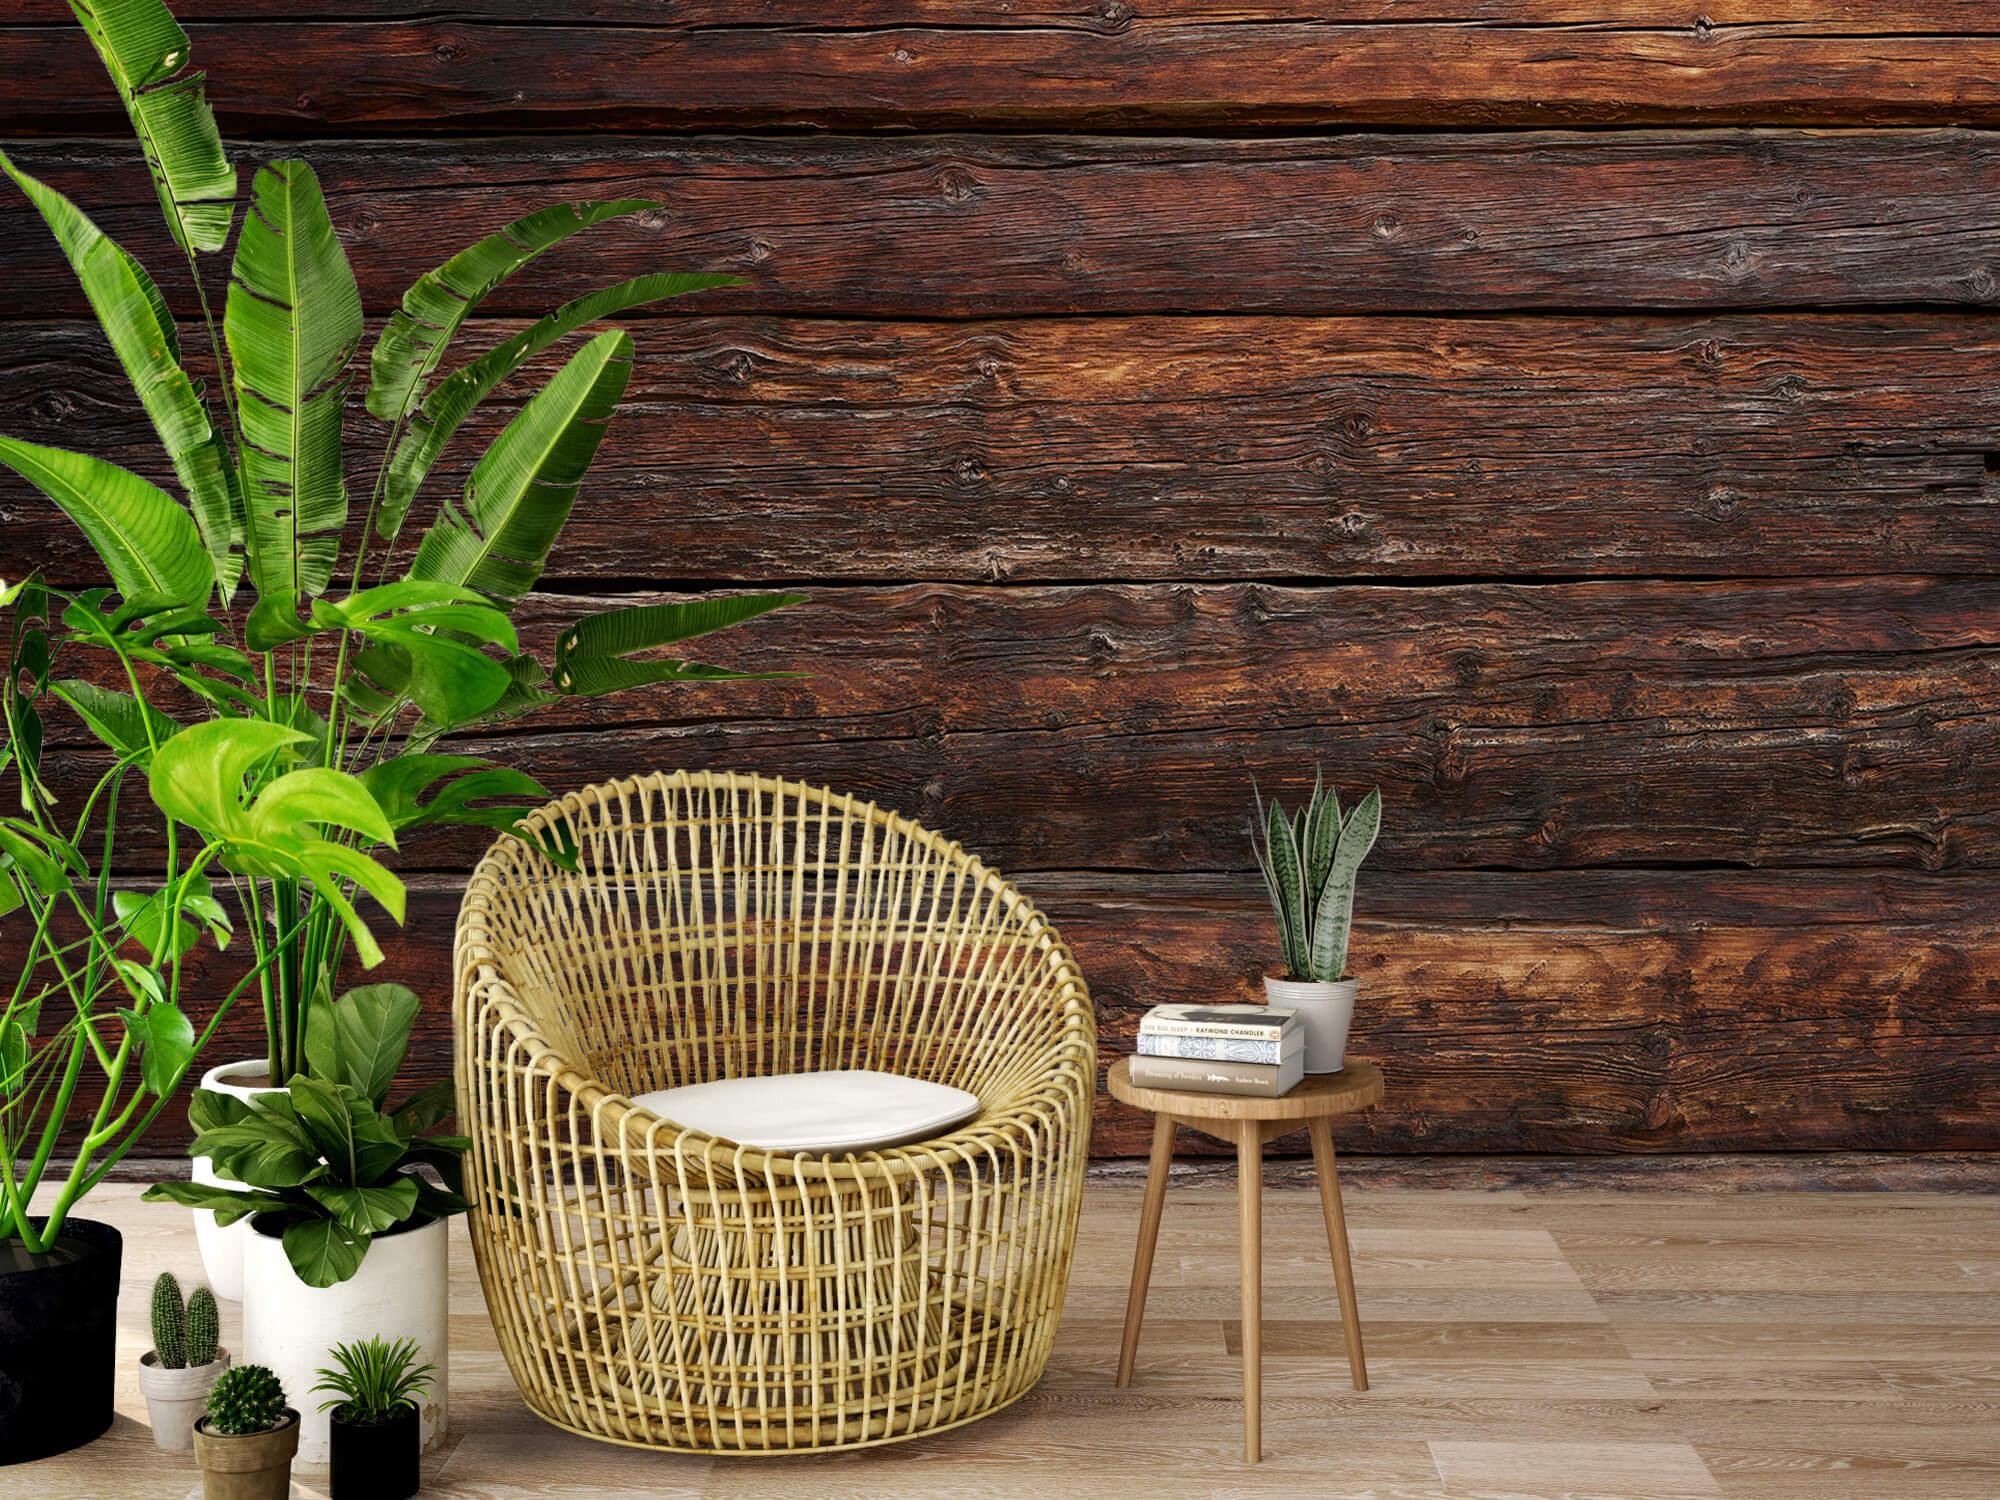 wallpaper Grof hout 10